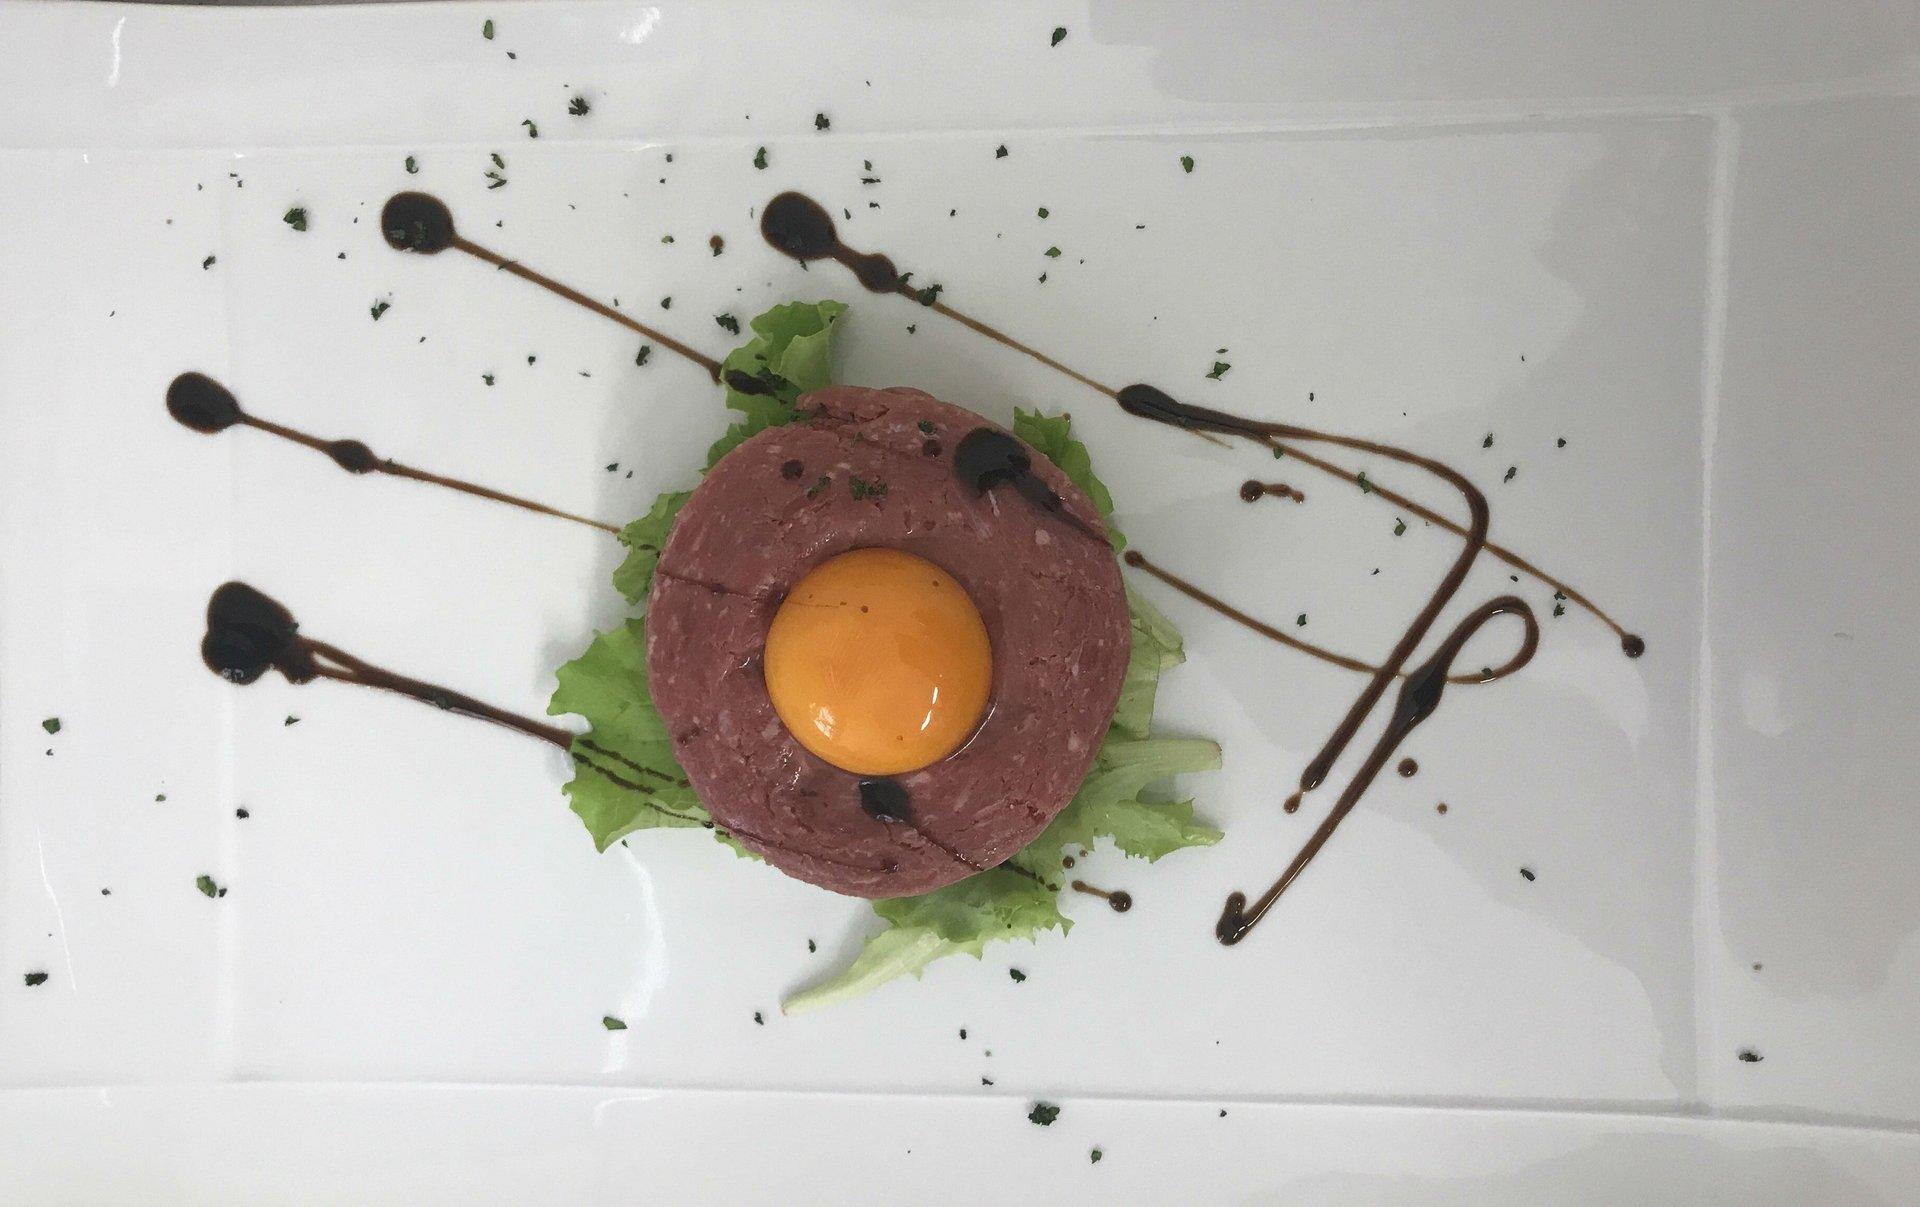 una tartare di carne con un tuorlo d'uovo sopra